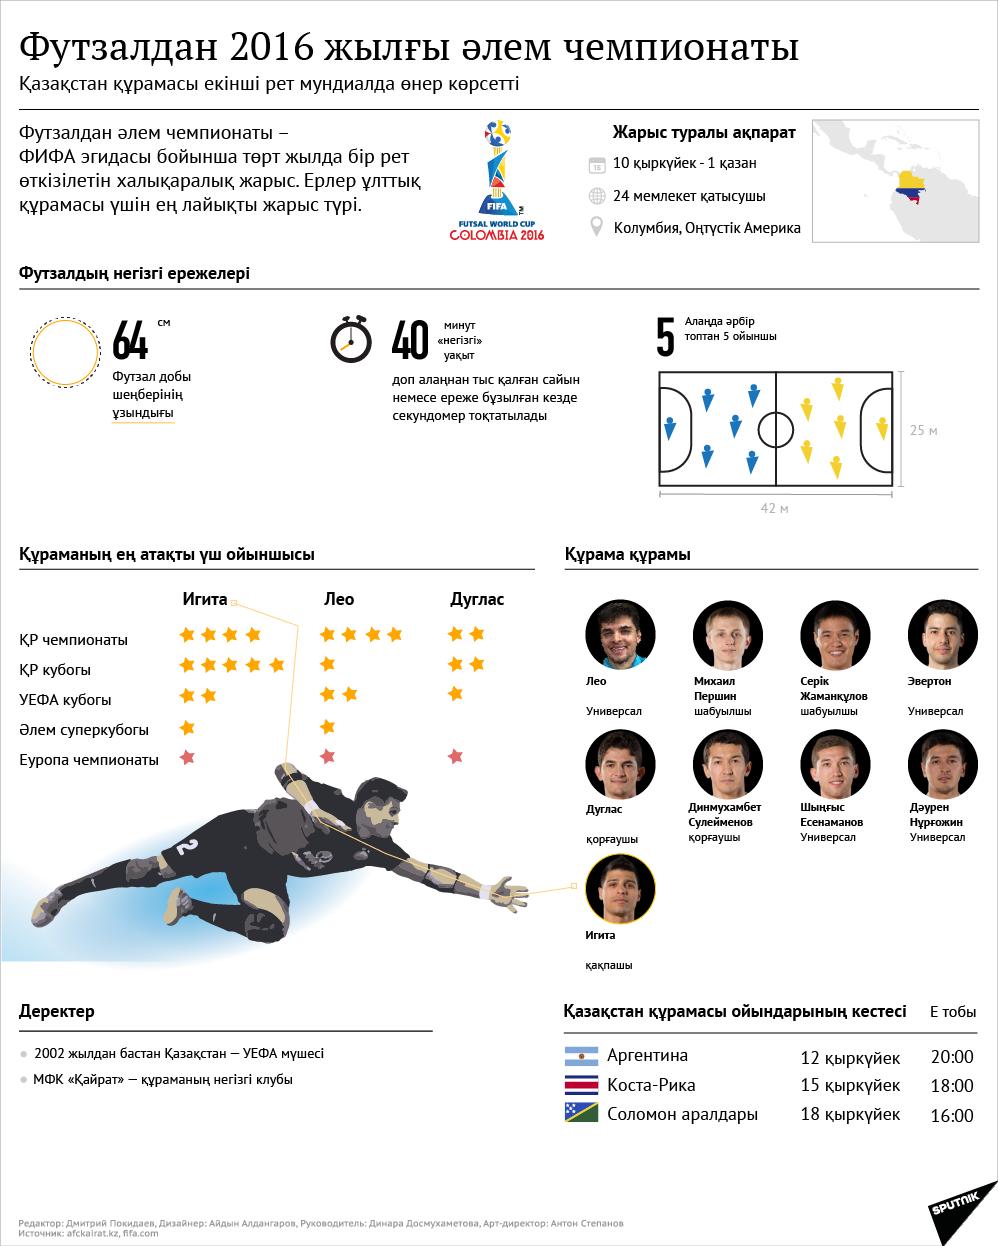 Футзалдан 2016 жылғы әлем чемпионаты